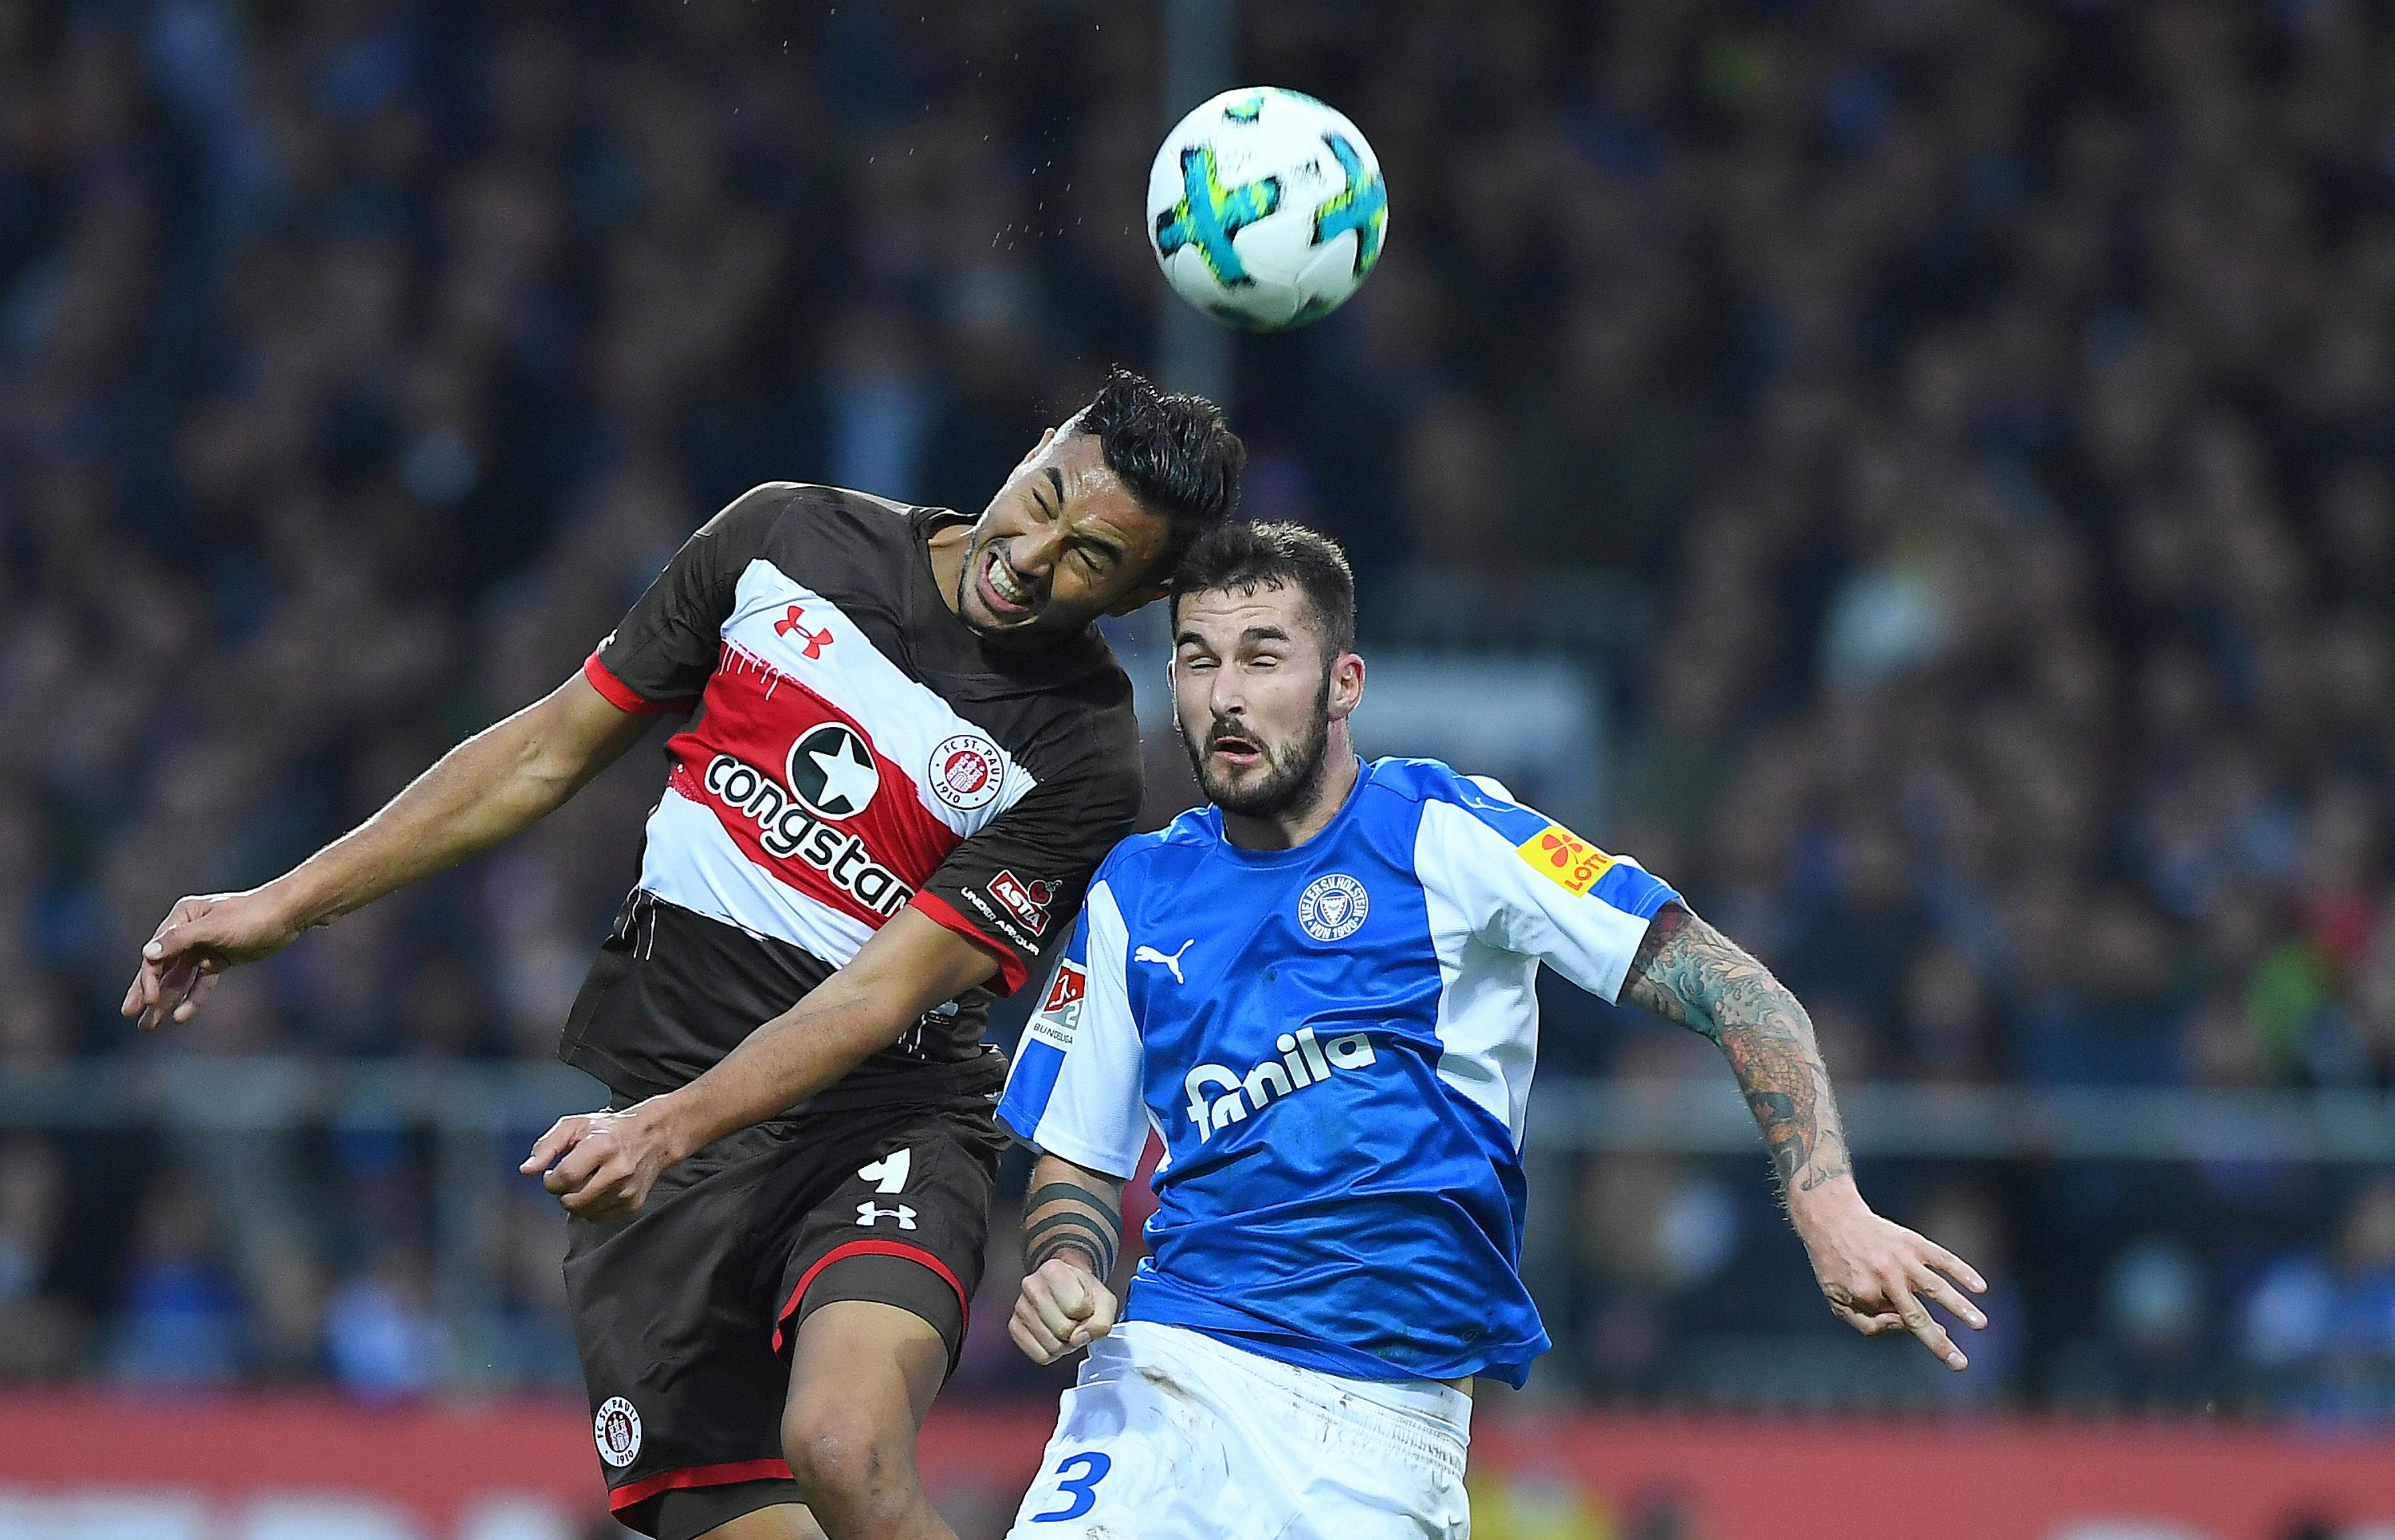 Heimspiele gegen Kiel, Braunschweig & Sandhausen – Infos zum Kartenverkauf